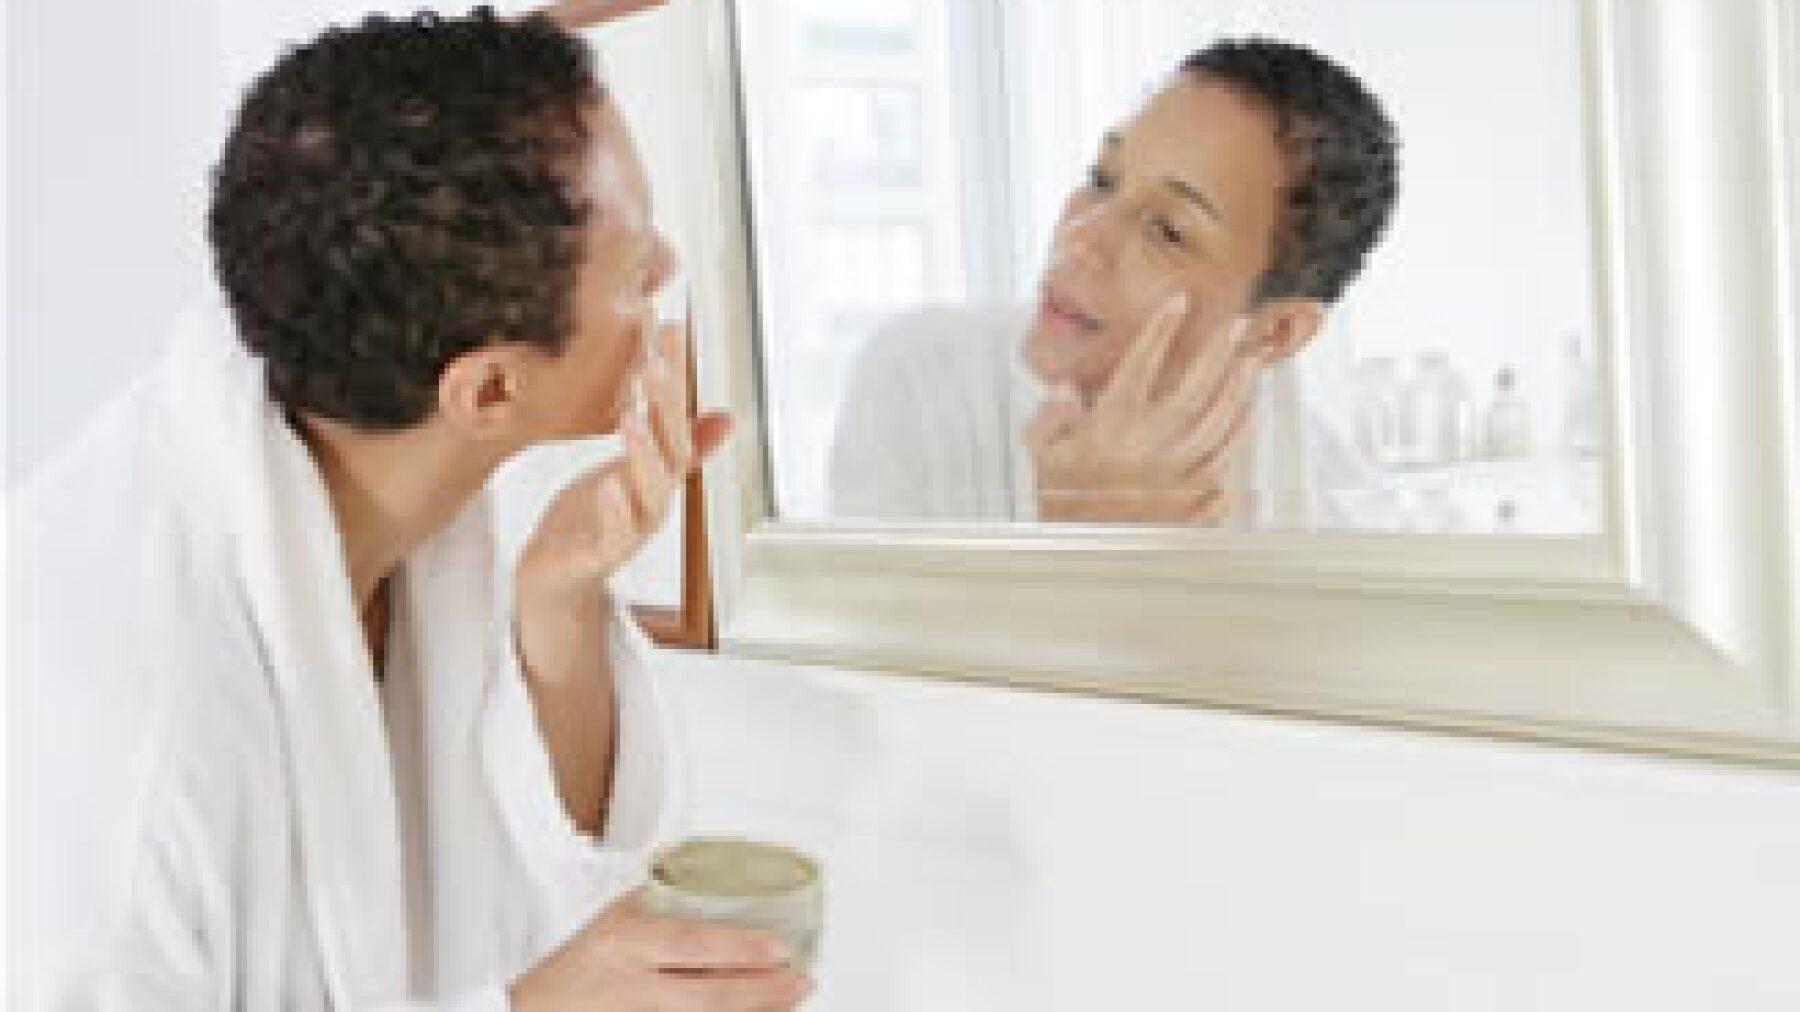 Para el senador panista, Salvador Tamborrel, el Reglamento de la Ley General de Salud en Materia de Publicidad es insuficiente a la hora de regular productos de cuidado personal o cosméticos que presumen efectos terapéuticos. (Photos to go)